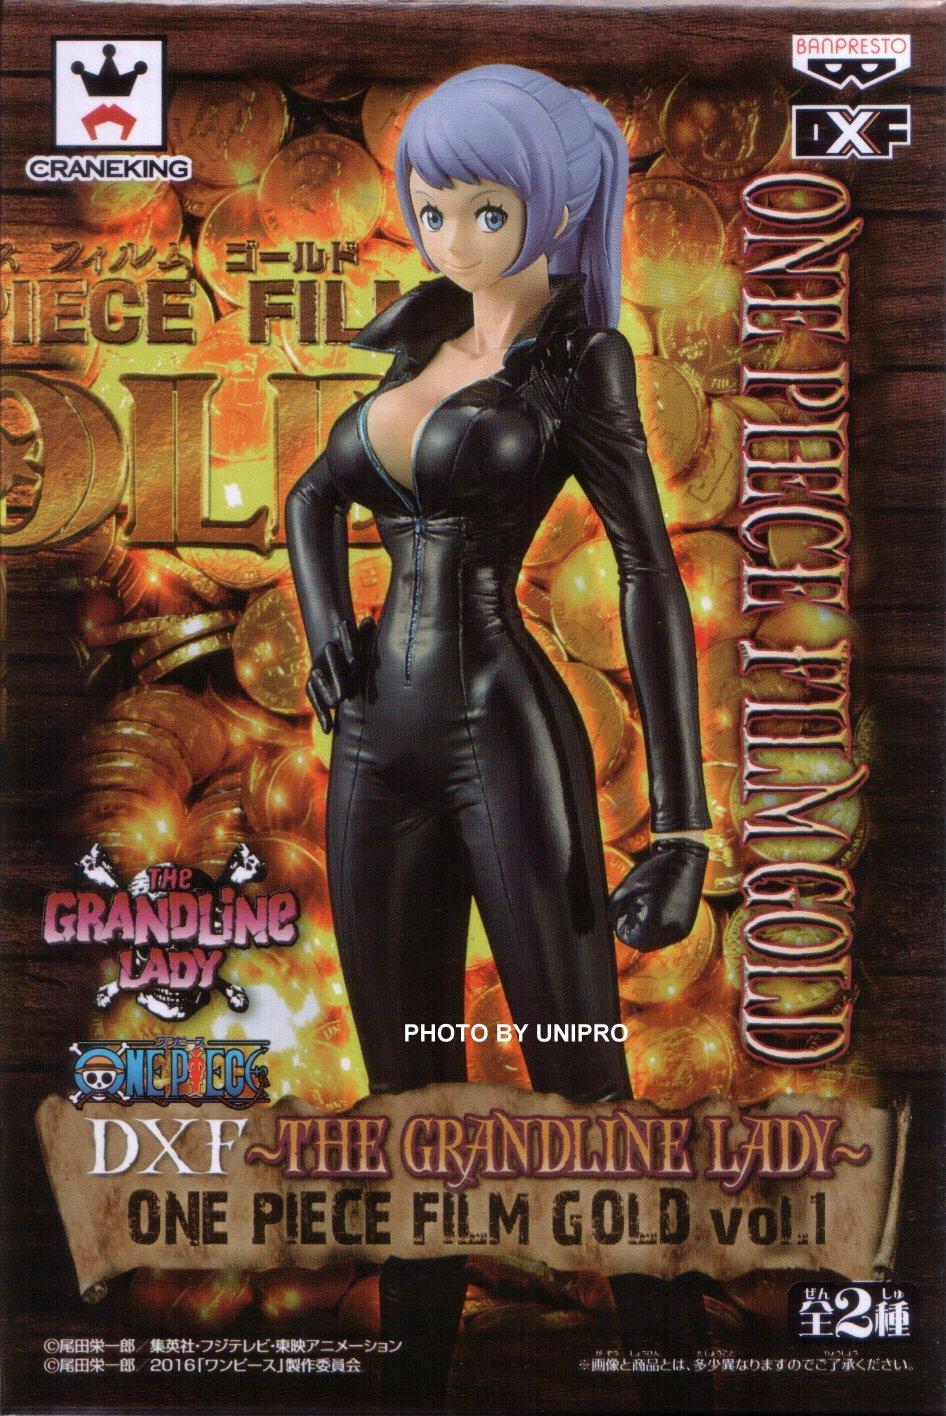 台灣代理版 電影版 DXF THE GRANDLINE LADY ONE PIECE FILM GOLD VOL.1 單售 卡莉娜 NAMI 海賊王 航海王 公仔